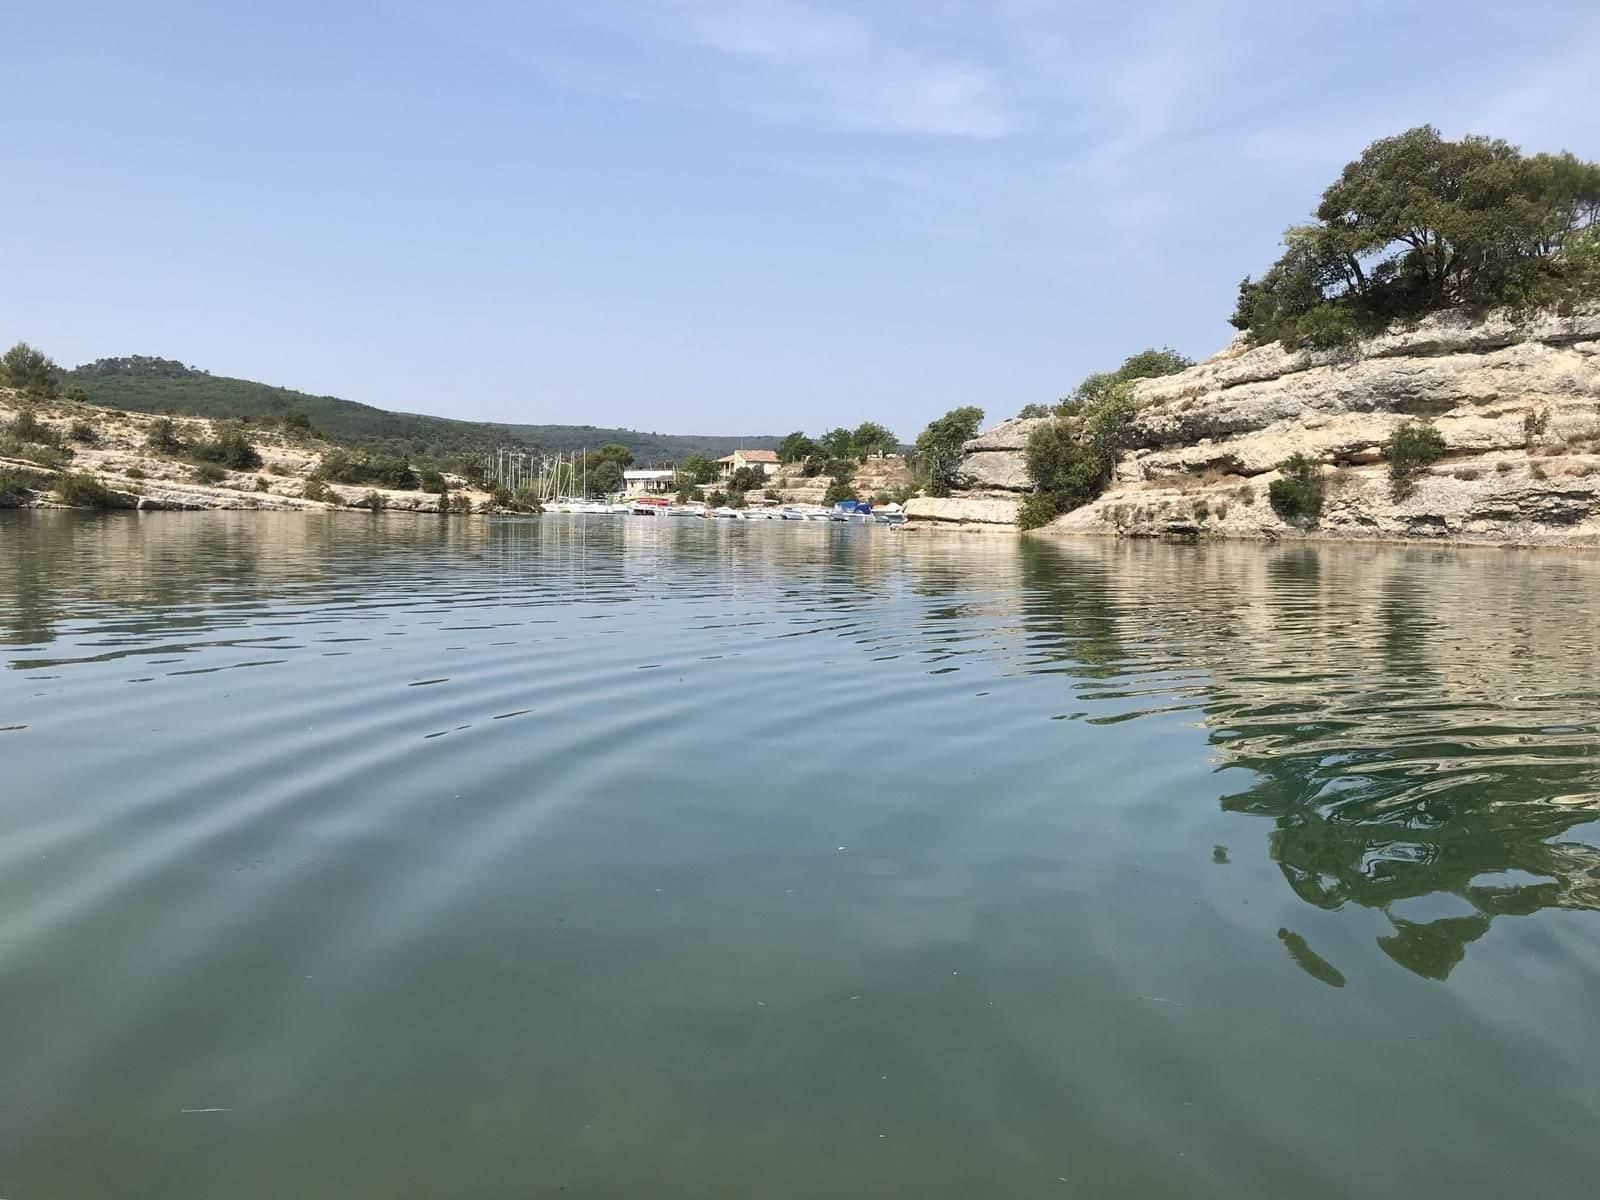 Randonnée Gorges du Verdon : Le sentier botanique d'Esparron